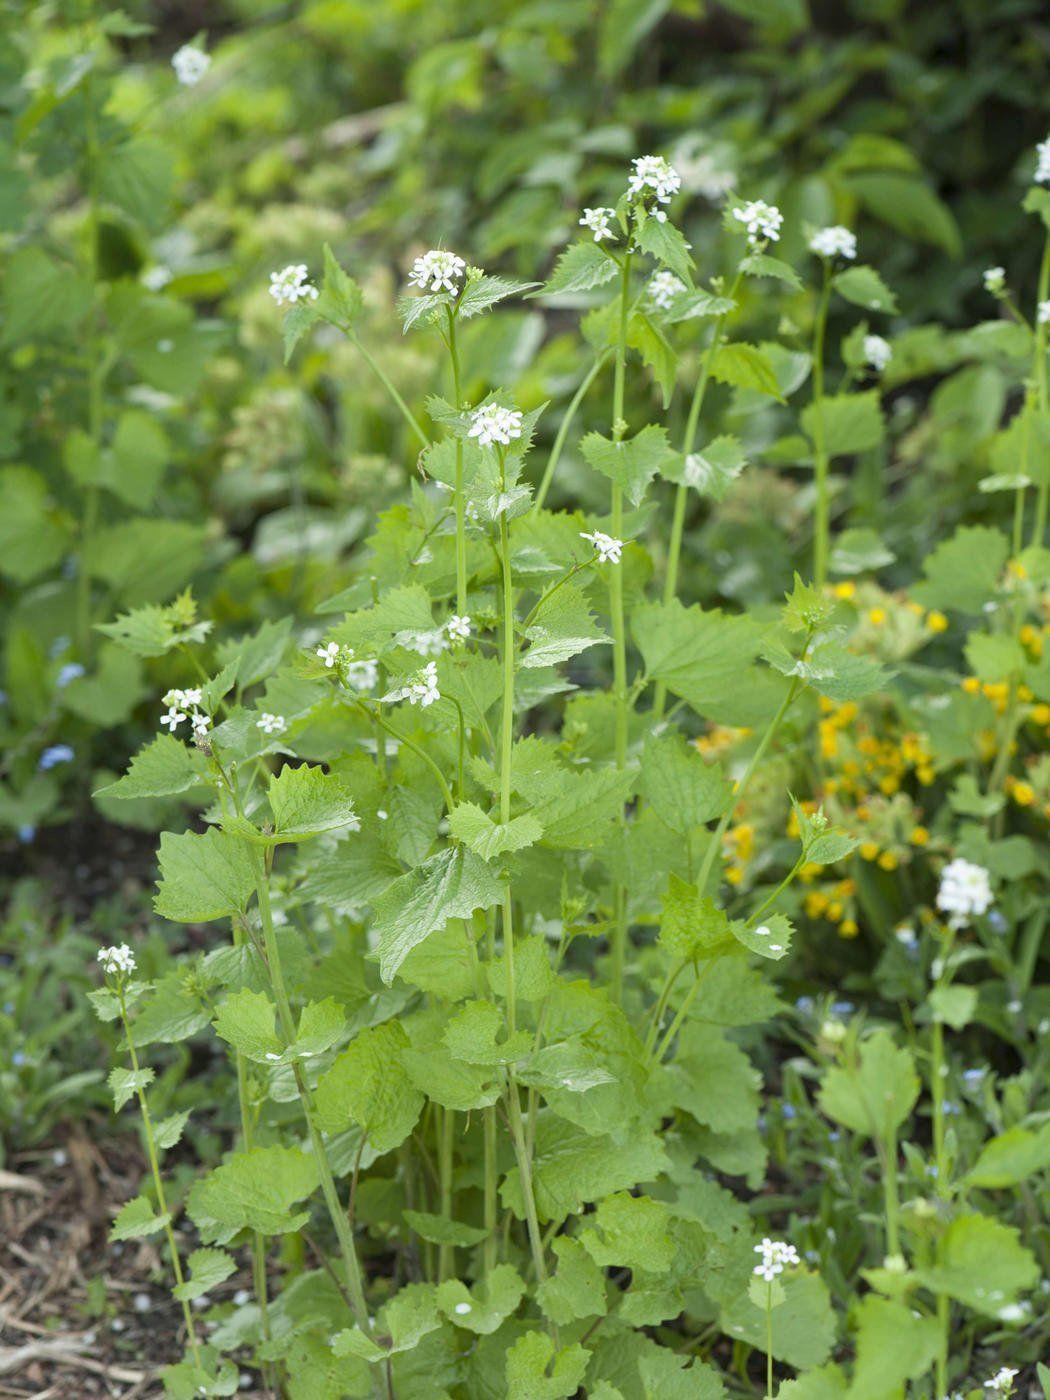 Heilpflanze Knoblauchsrauke Knoblauchsrauke Pflanzen Krauterpflanzen